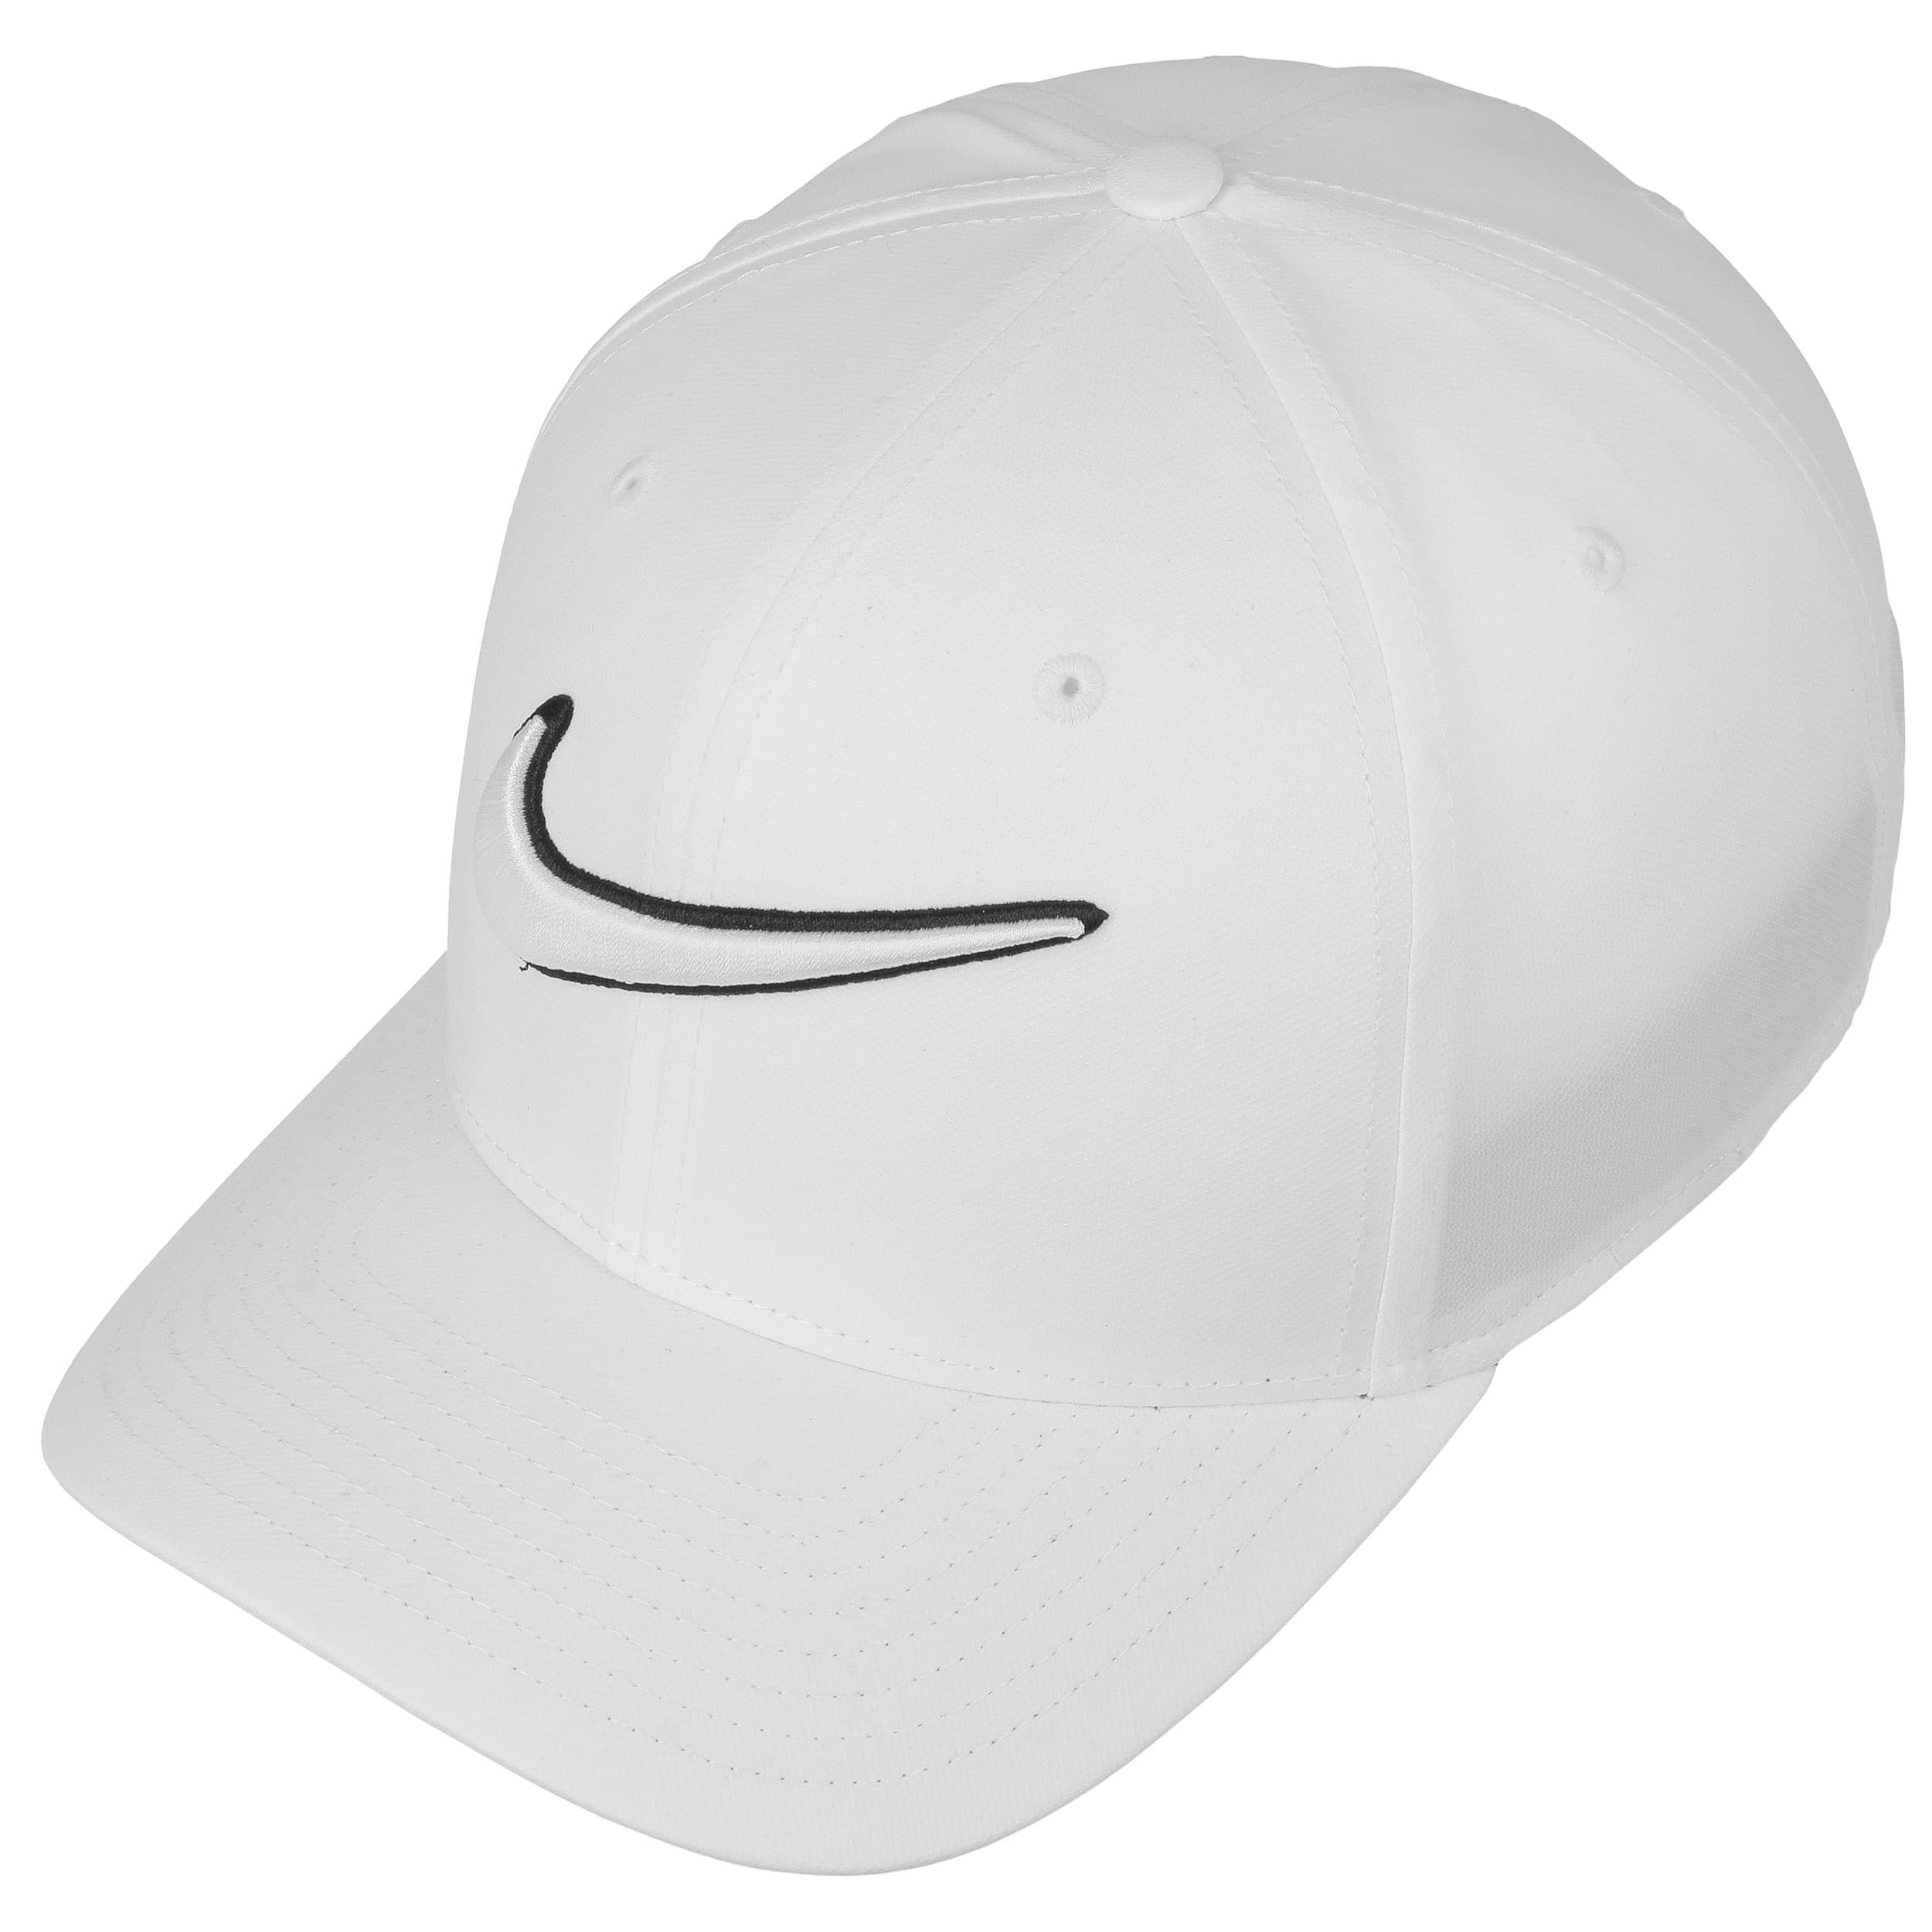 Acquista cappello nike rf - OFF70% sconti a735790aba4b